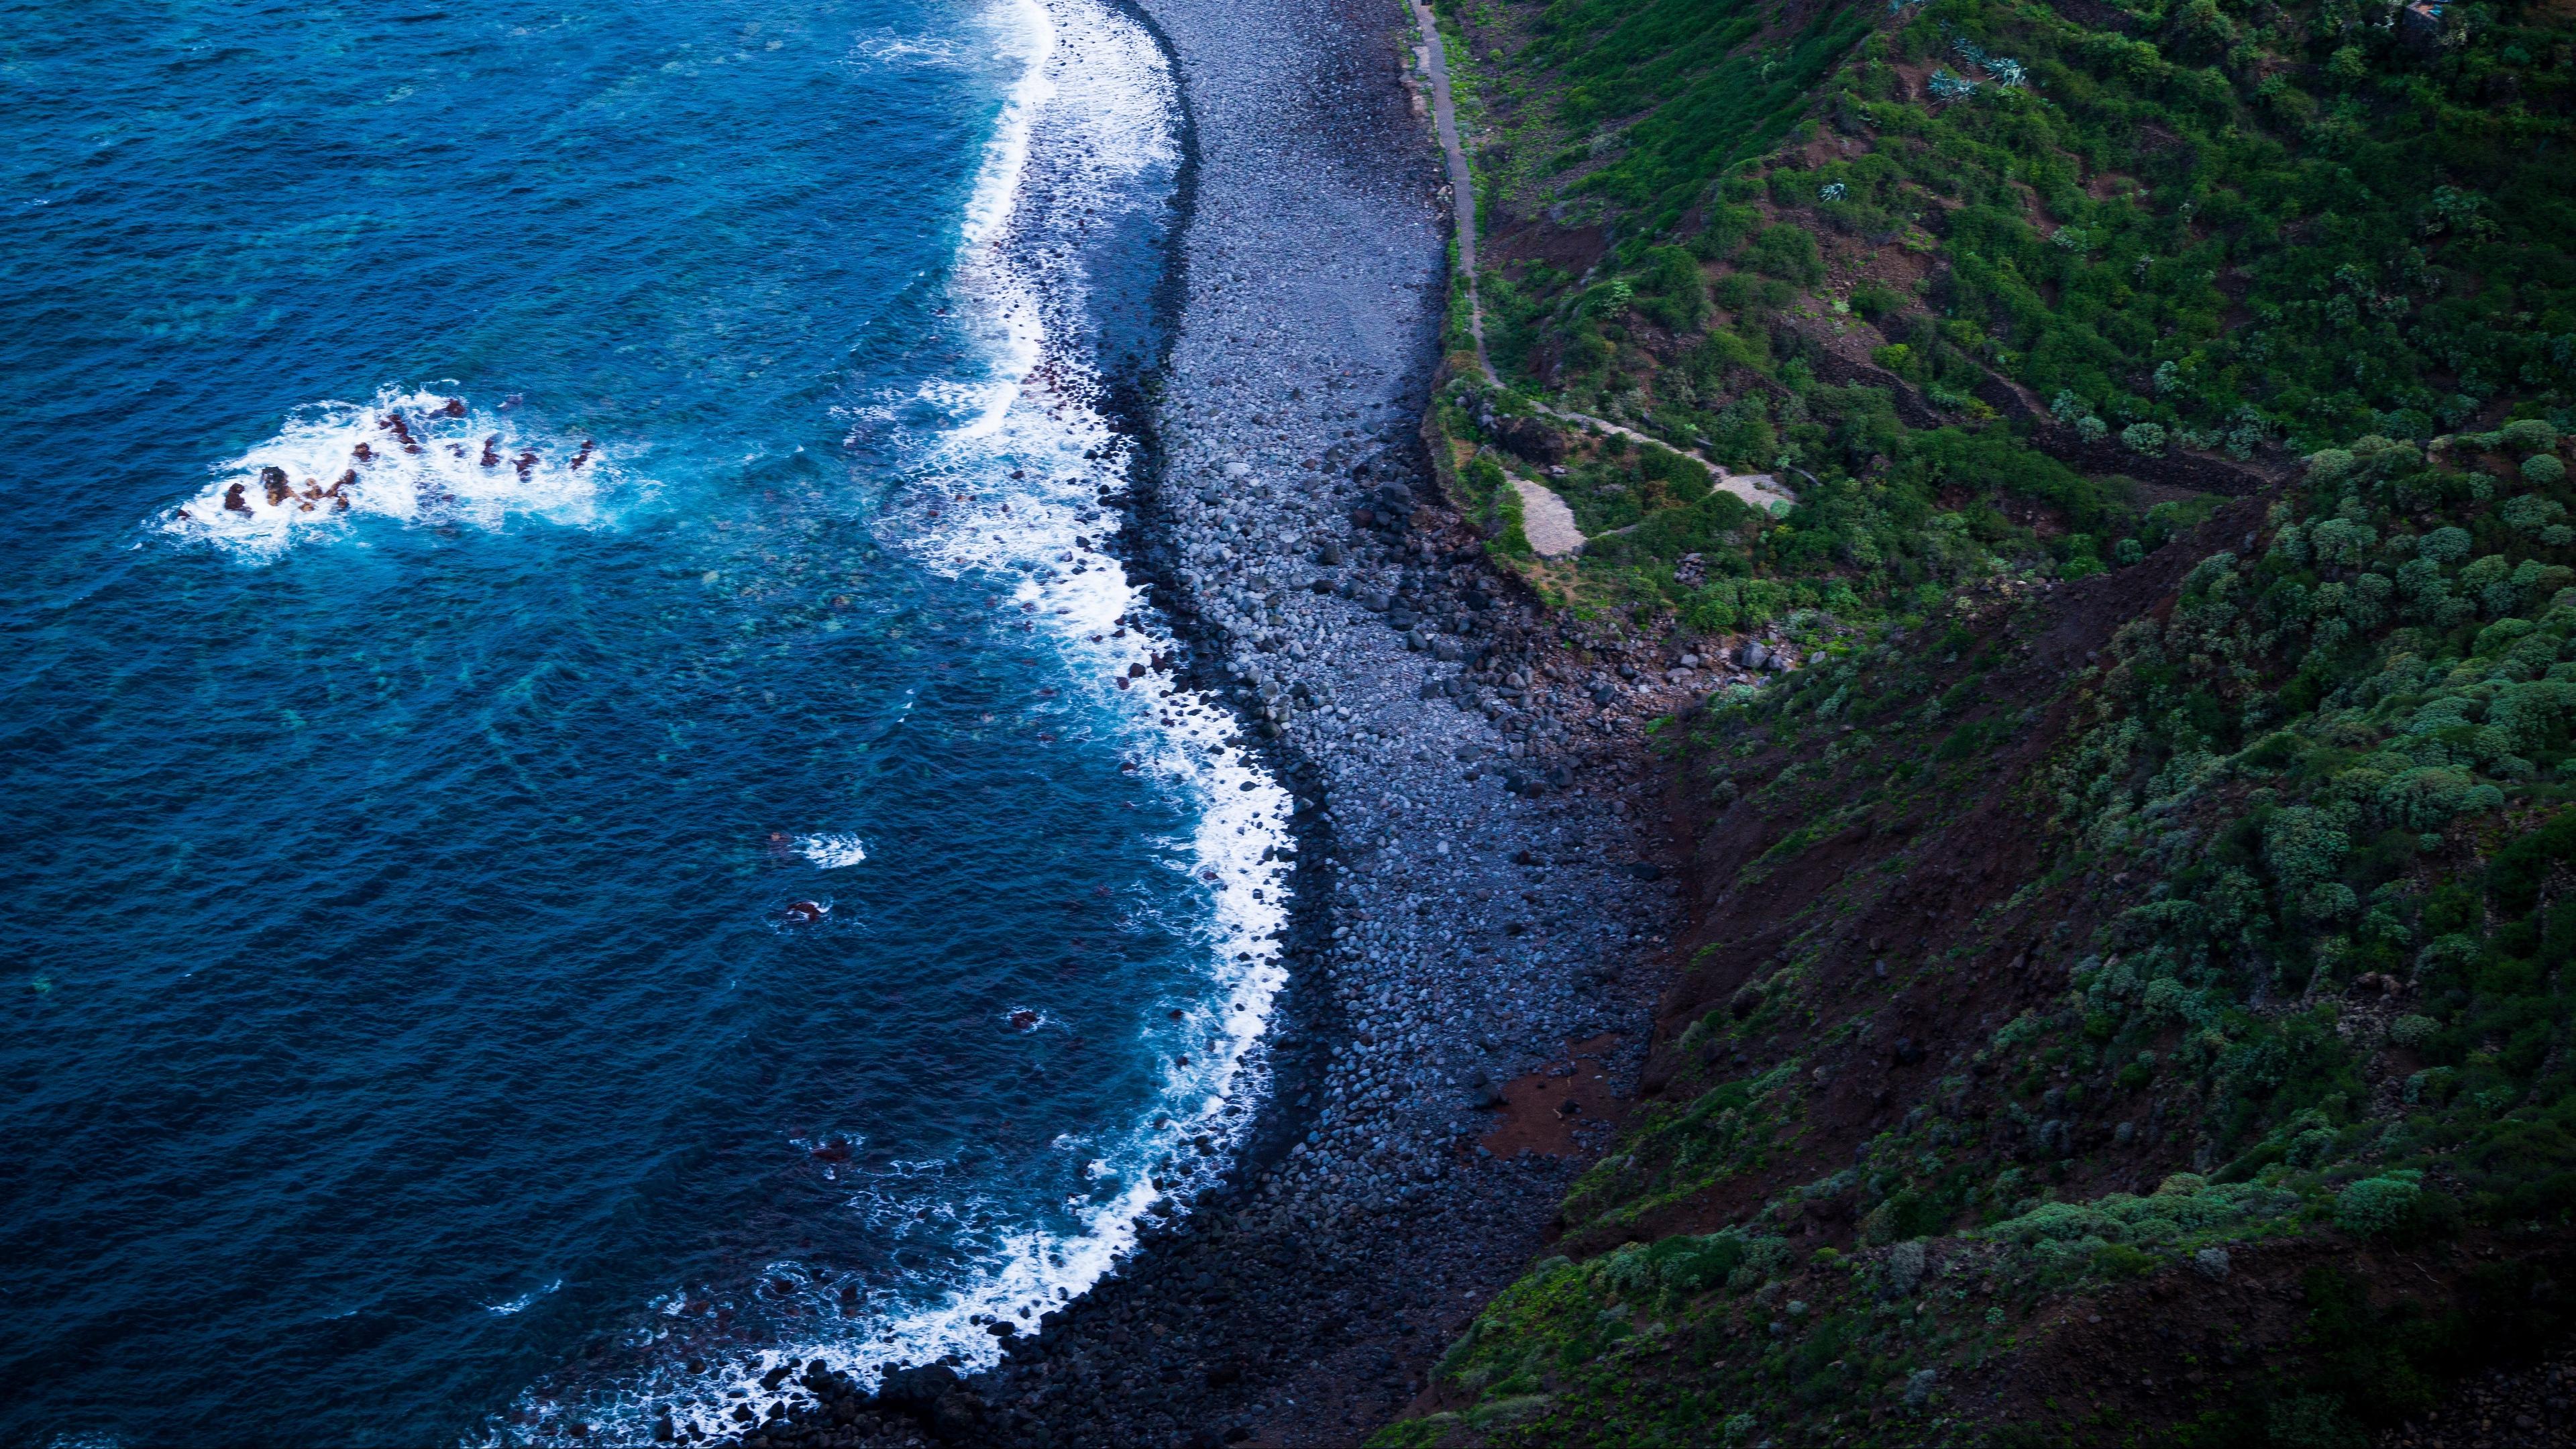 sea shore foam surf 4k 1541114045 - sea, shore, foam, surf 4k - Shore, Sea, foam